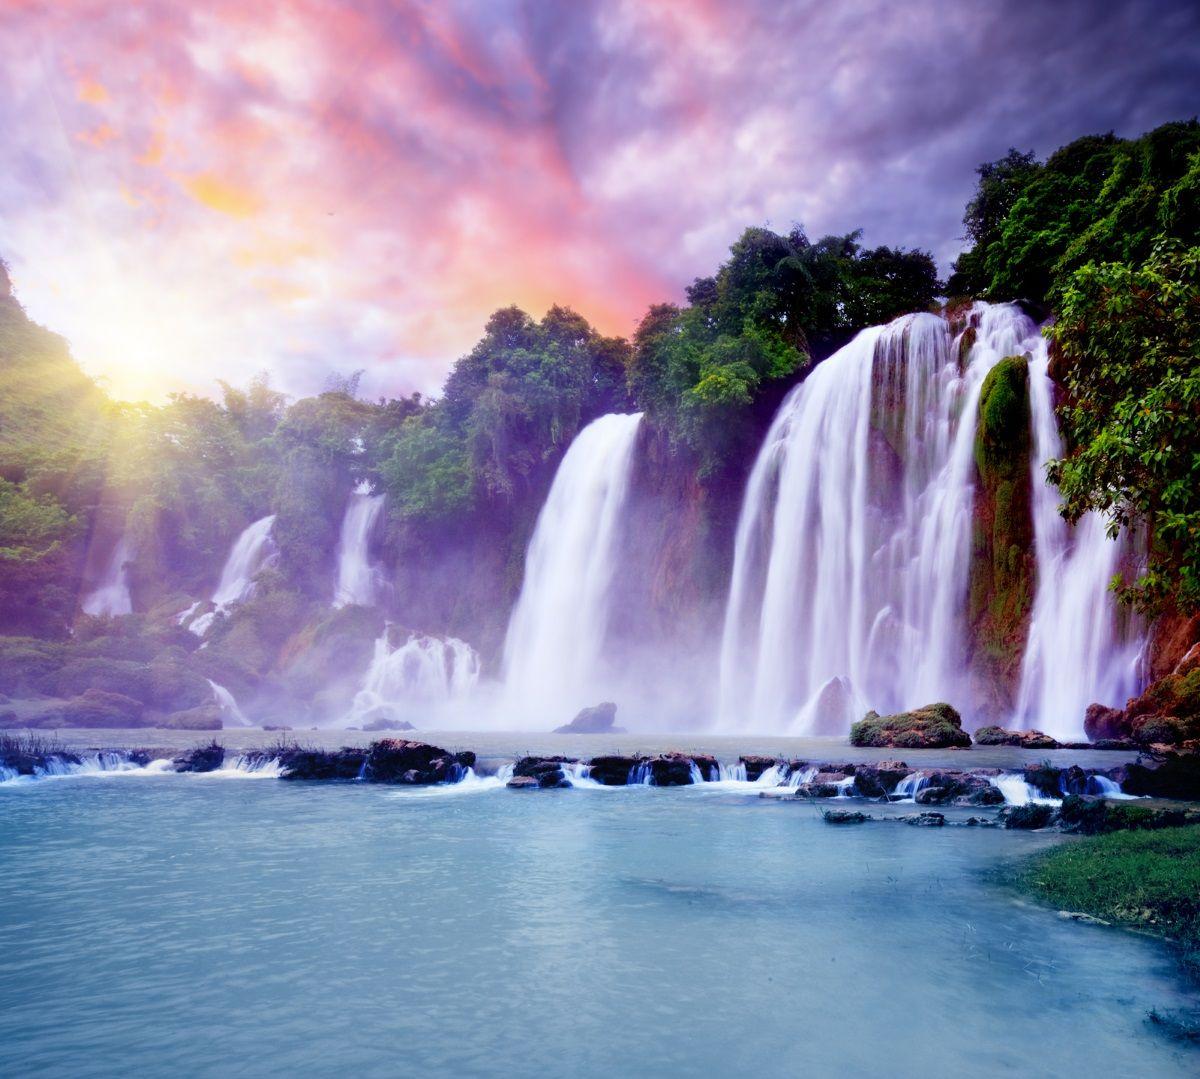 Фотообои флизелиновые Московская обойная фабрика Водопады, 300 х 270 см17029-МФотообои Водопады привлекаютсвоей красотой и освежающей энергией. Качество обоев дополняетчистый импортный флизелин. Преимущества:• качественный, импортный, экологически чистый материал;• простота наклеивания;• длительный срок службы.